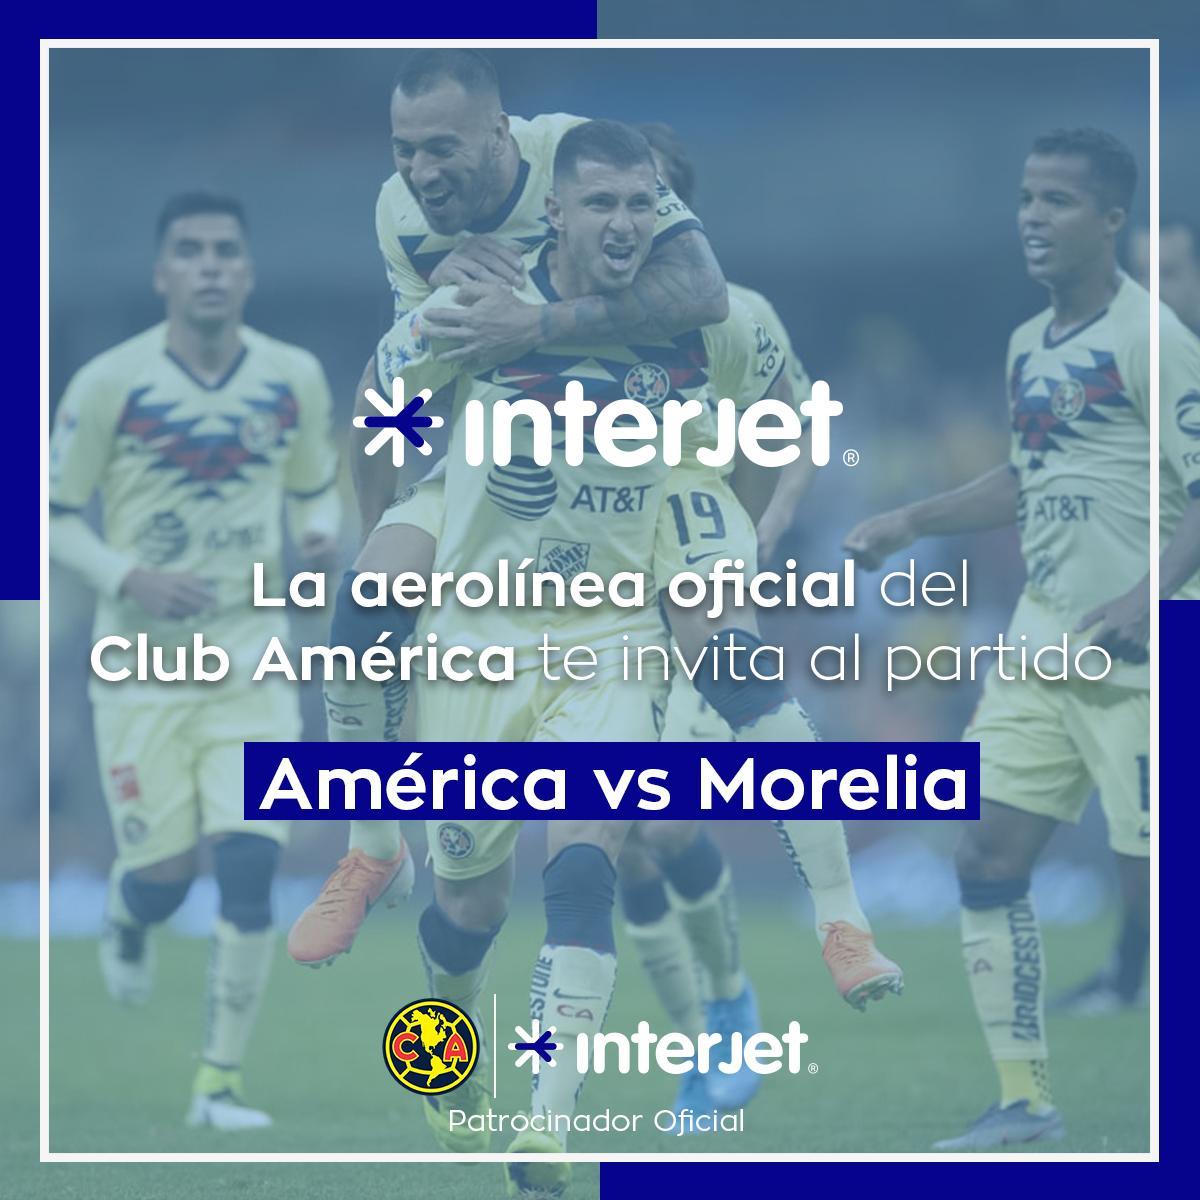 INTERJET, nuestro patrocinador oficial, te regala 10 pases dobles para el América vs Morelia‼✅ Sigue a @interjet🔁 RT a este tweet↪ Reply con #OutletInterjetInterjet contactará a 10 usuarios al azar el viernes 16 de agosto a las 10AM